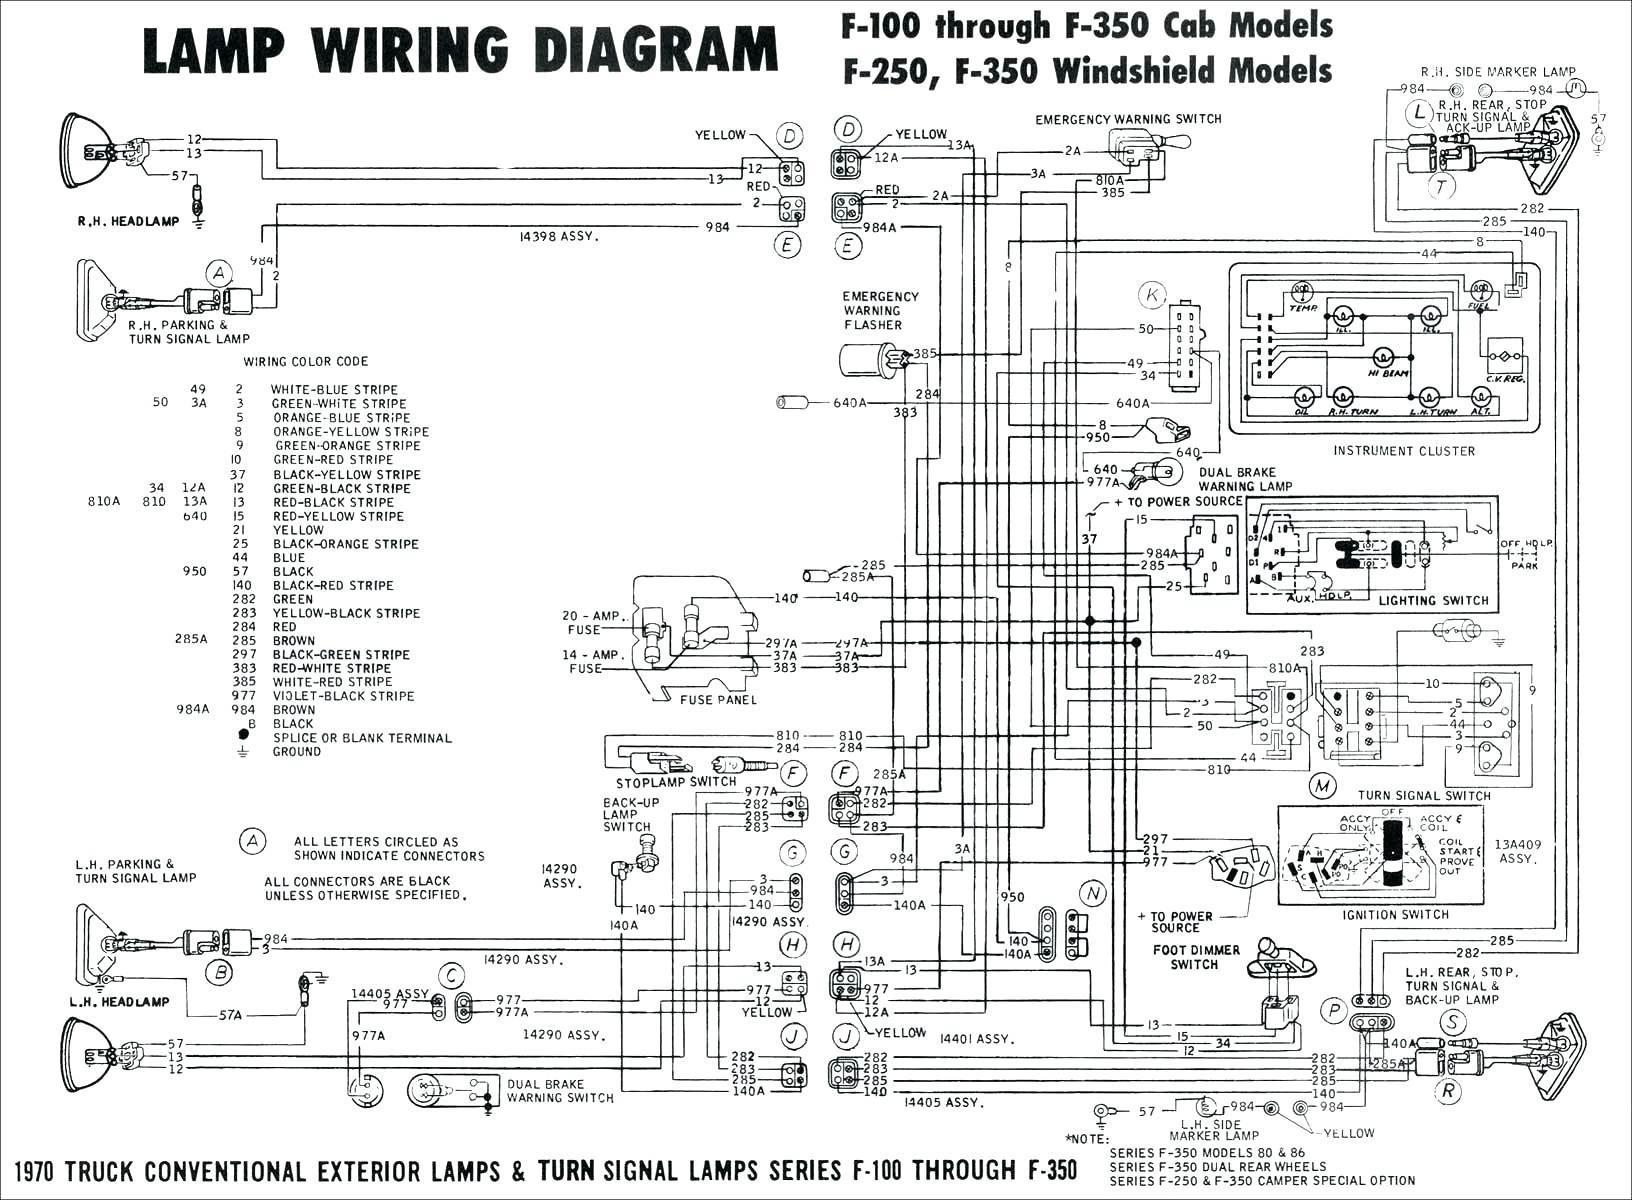 Yf 8263 Delta Starter Wiring Diagram Outdoor Ac Unit Wiring Diagram 3 Wire Download Diagram